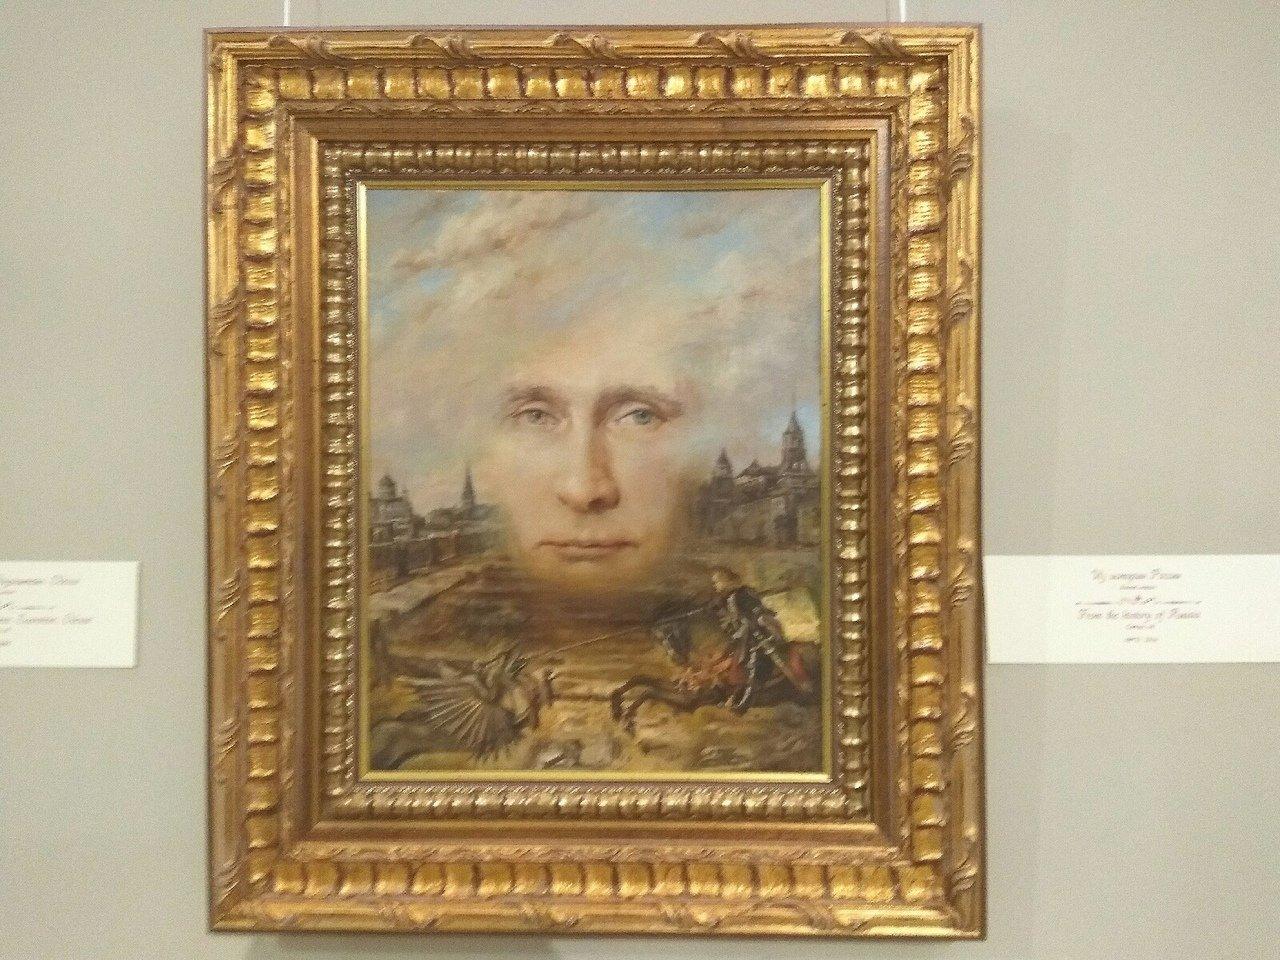 Баня с губернатором и портрет Путина в подарок. Никас Сафронов привёз в Белгород выставку, фото-2